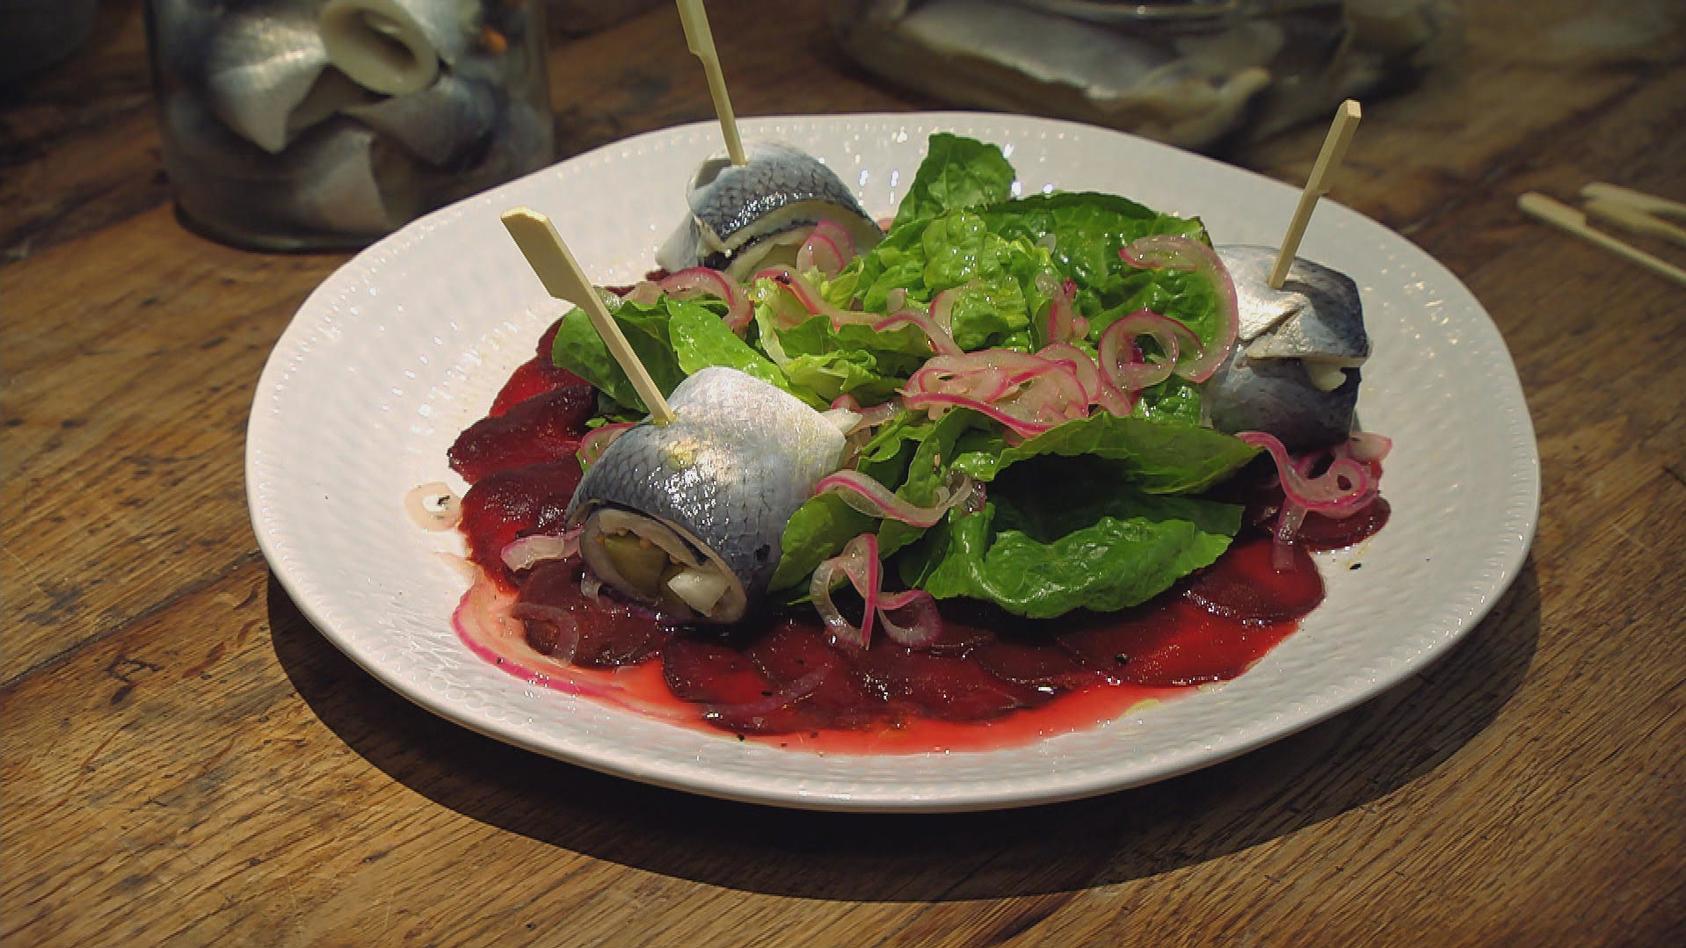 Süß trifft sauer - Das macht Freude: Rote-Bete-Salat mit Rollmops